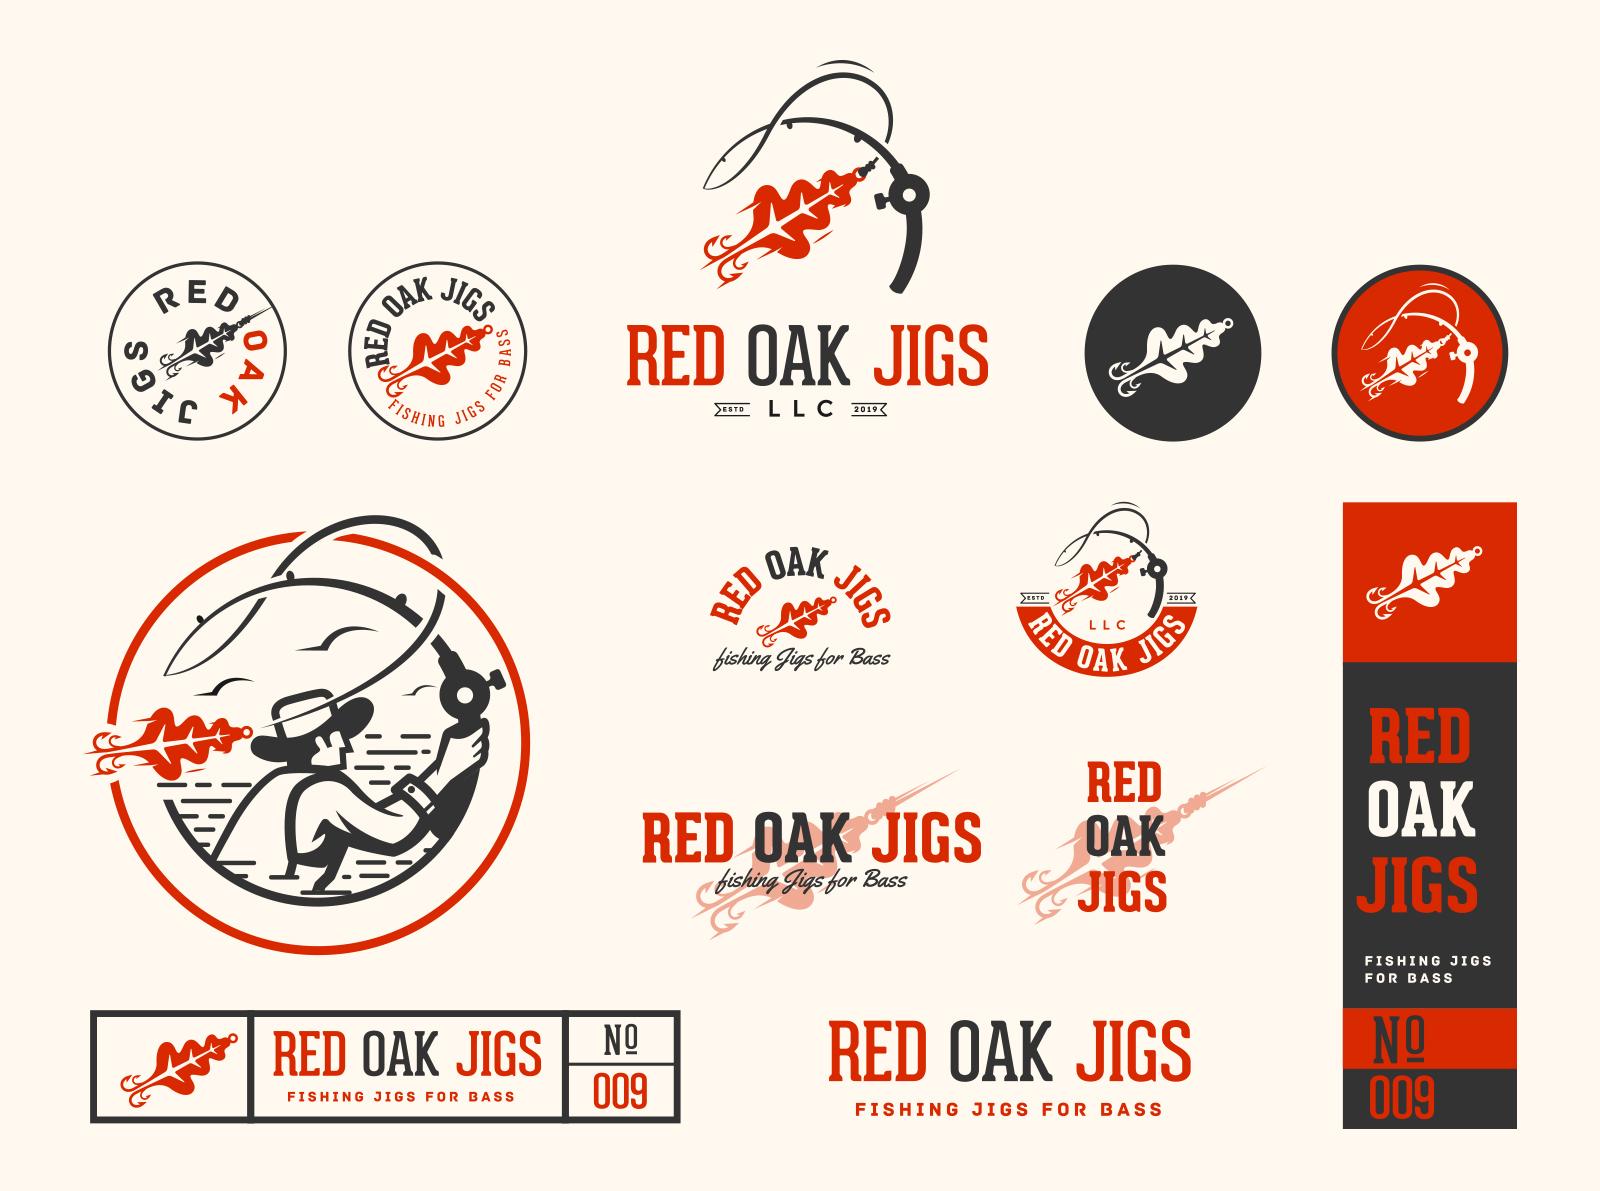 red oak jigs brand id